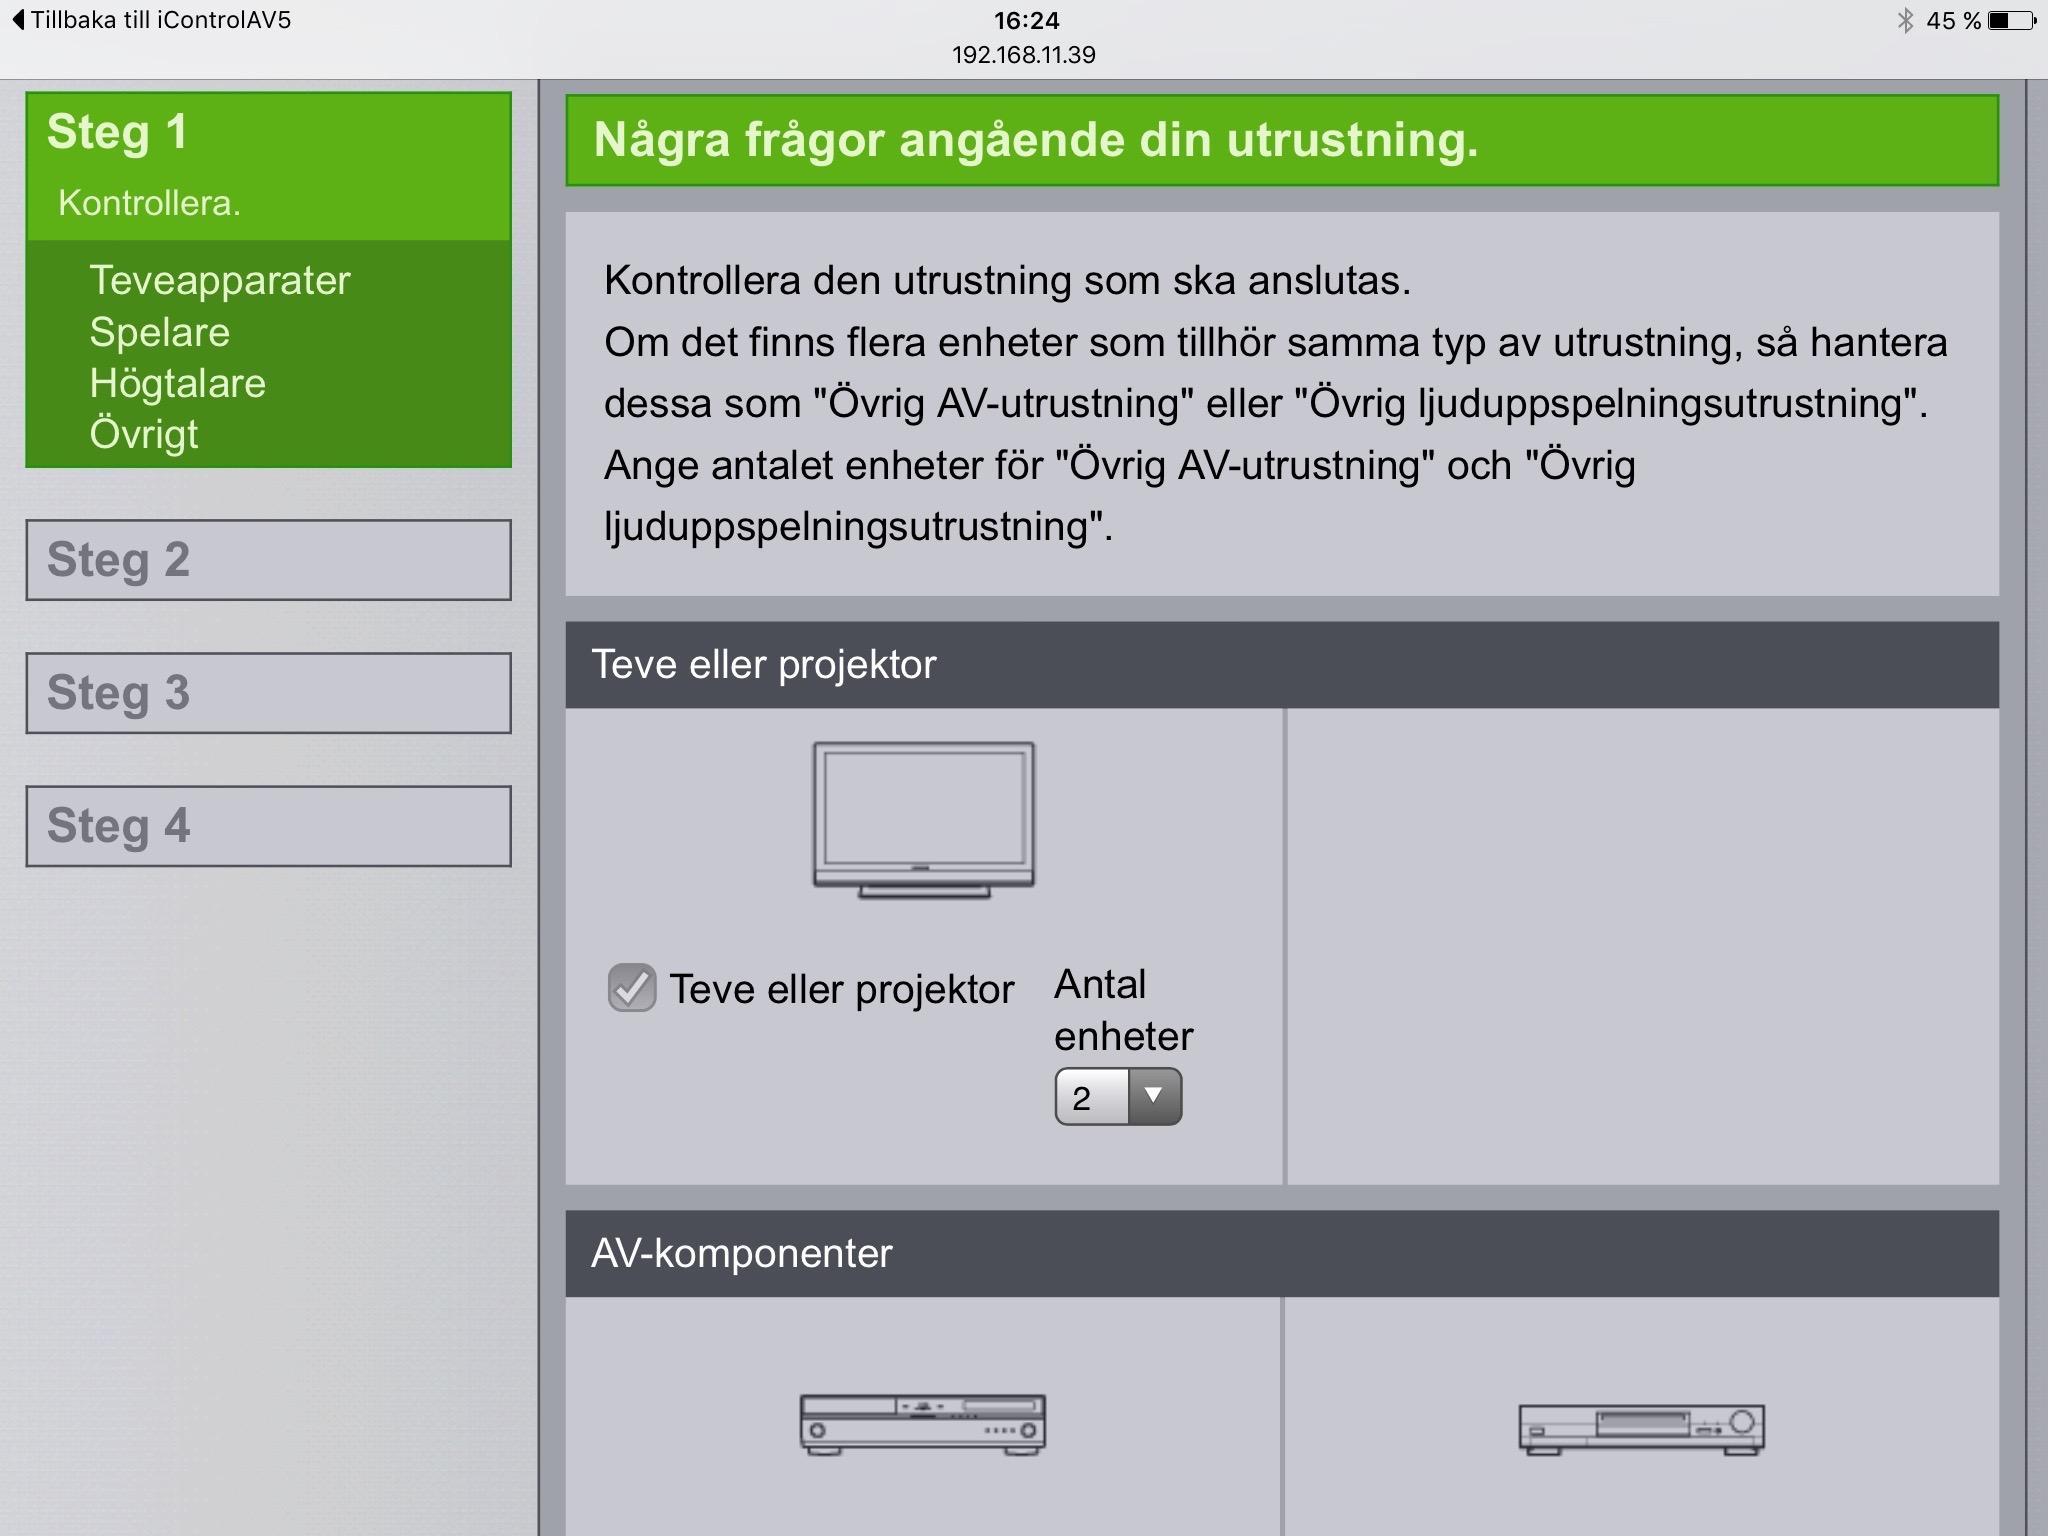 Pioneer har byggt in installationshjälp och användarhandbok i ett webbgränssnitt. När du kopplar receivern till ditt hemnätverk når du dessa från valfri webbläsare i hushållet.